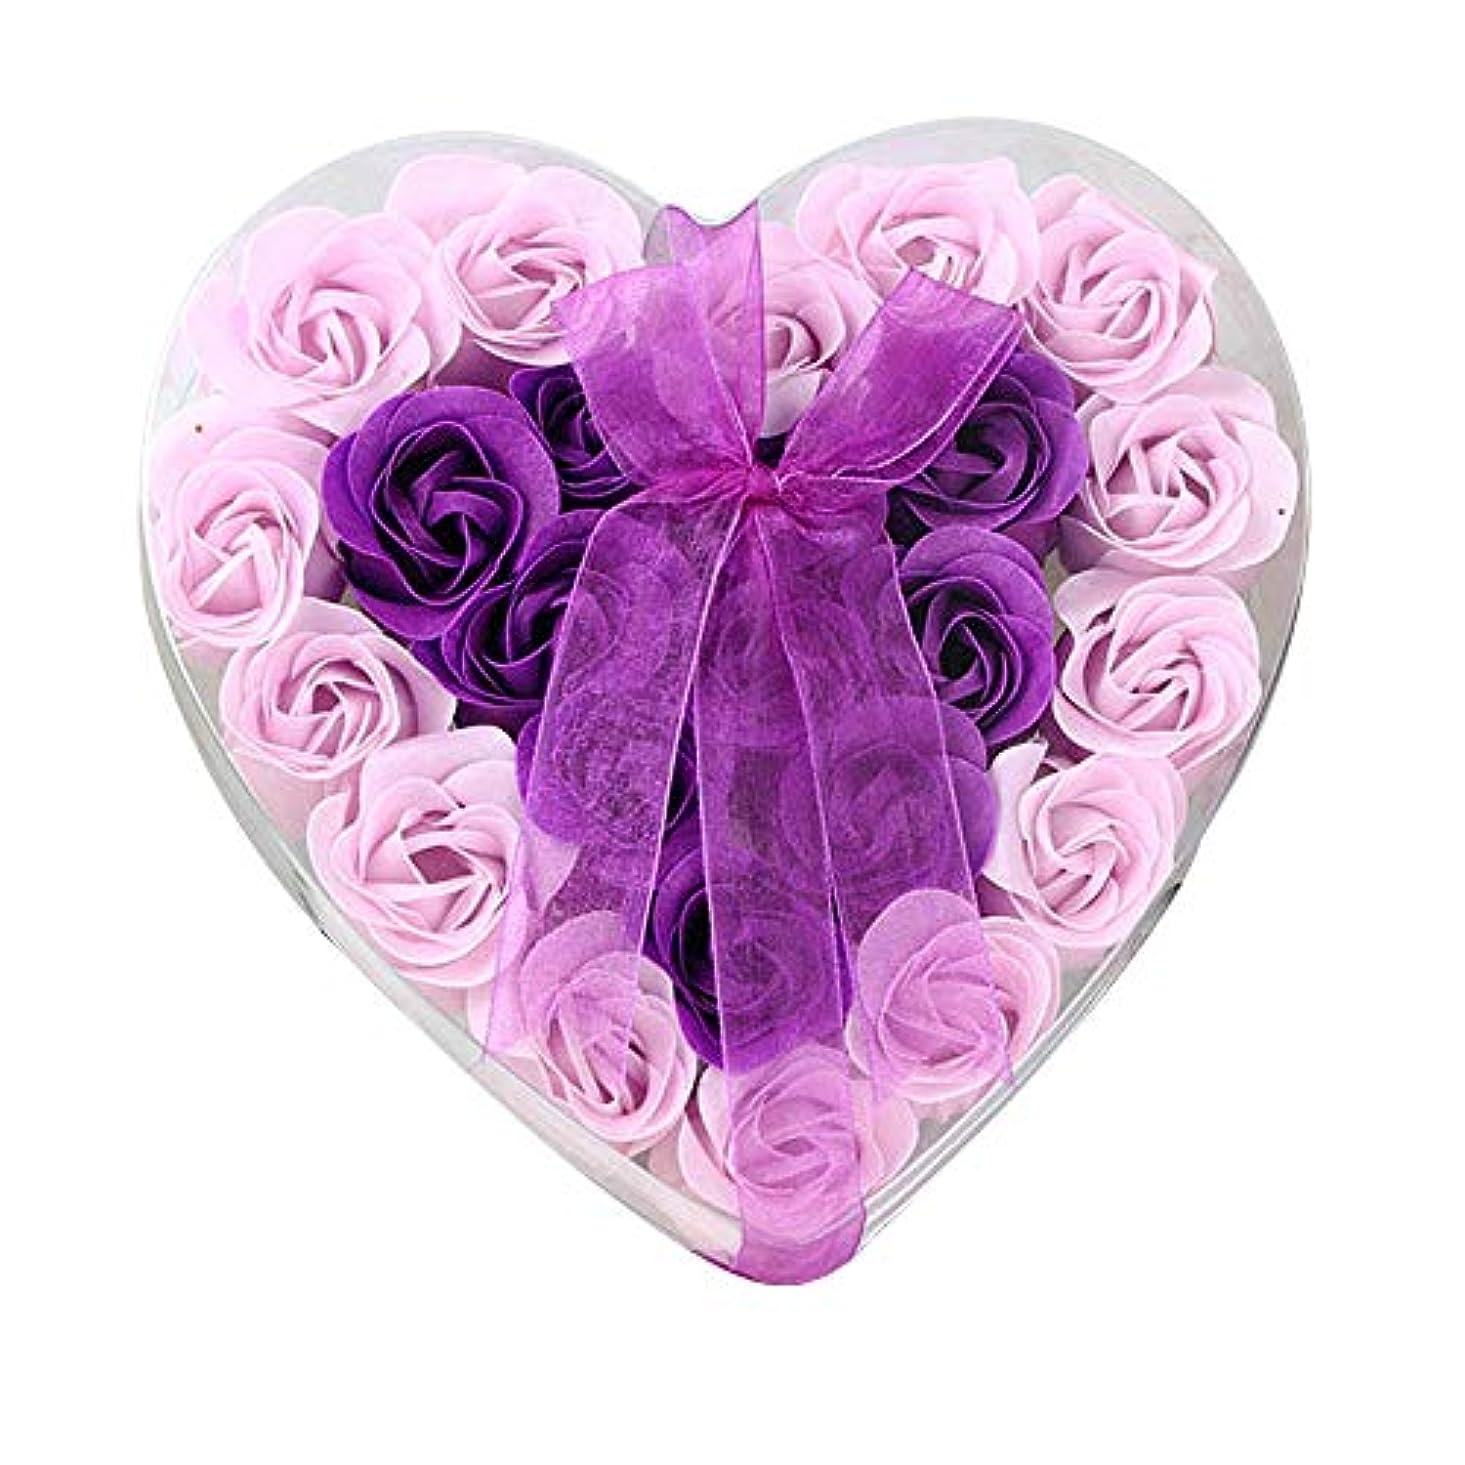 プレゼンテーション刈る欲望24個の手作りのローズ香りのバスソープの花びら香りのバスソープは、ギフトボックスの花びらをバラ (色 : 紫の)